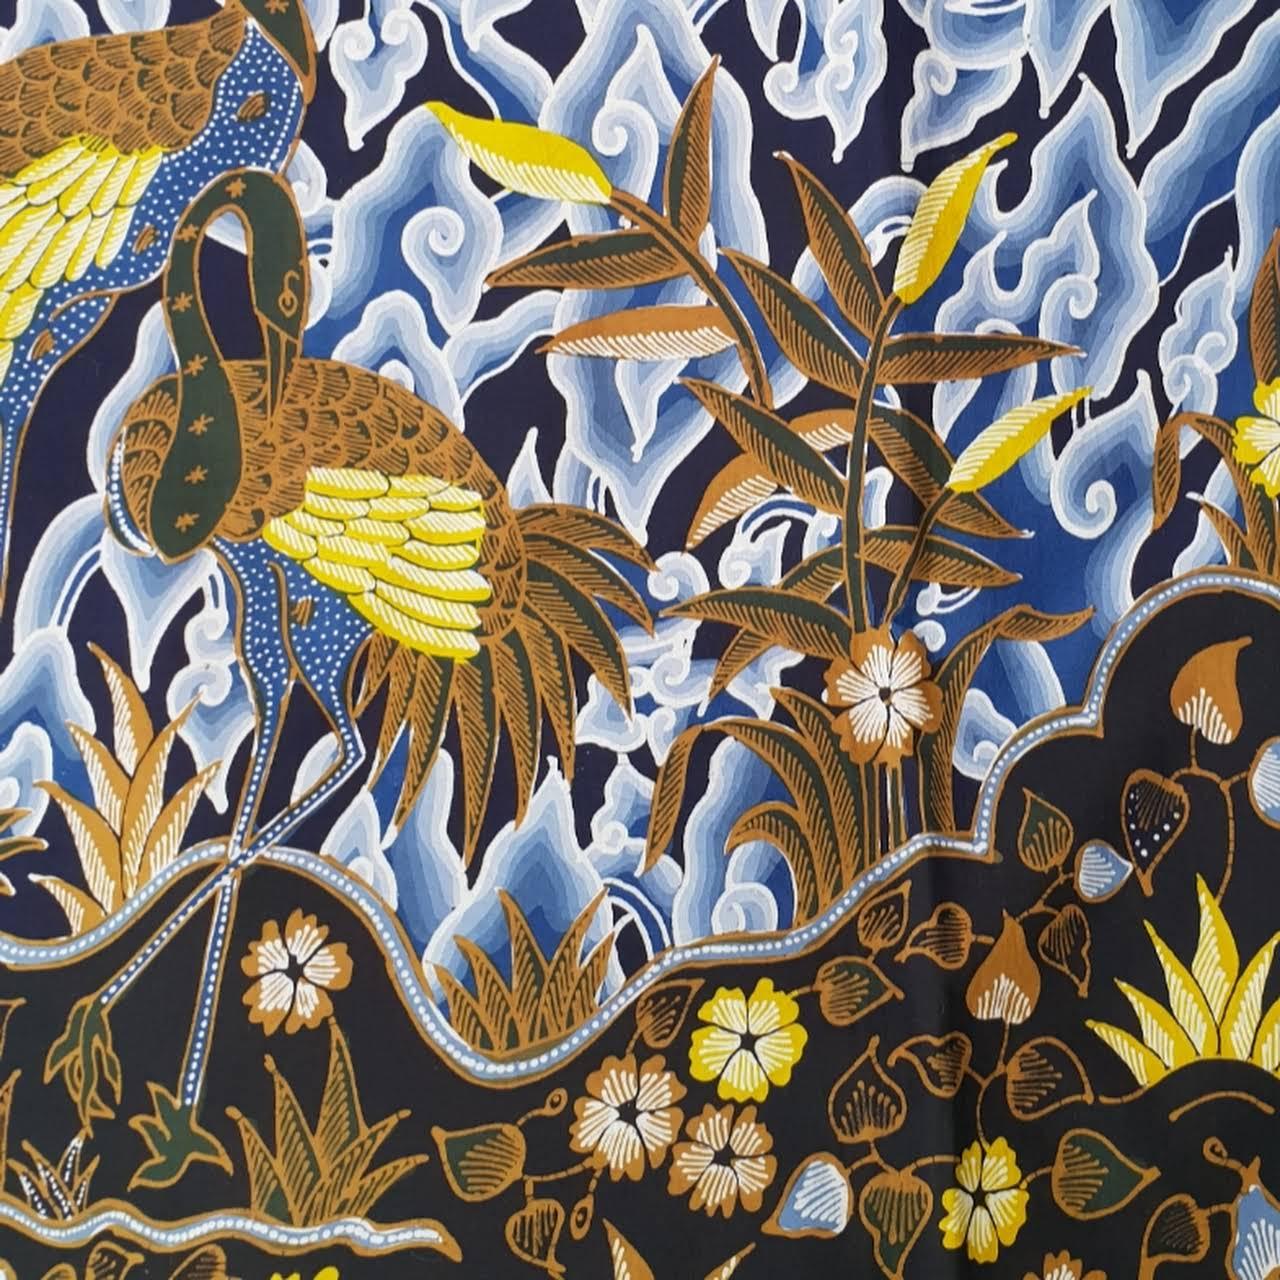 Gambar Motif Batik Mega Mendung